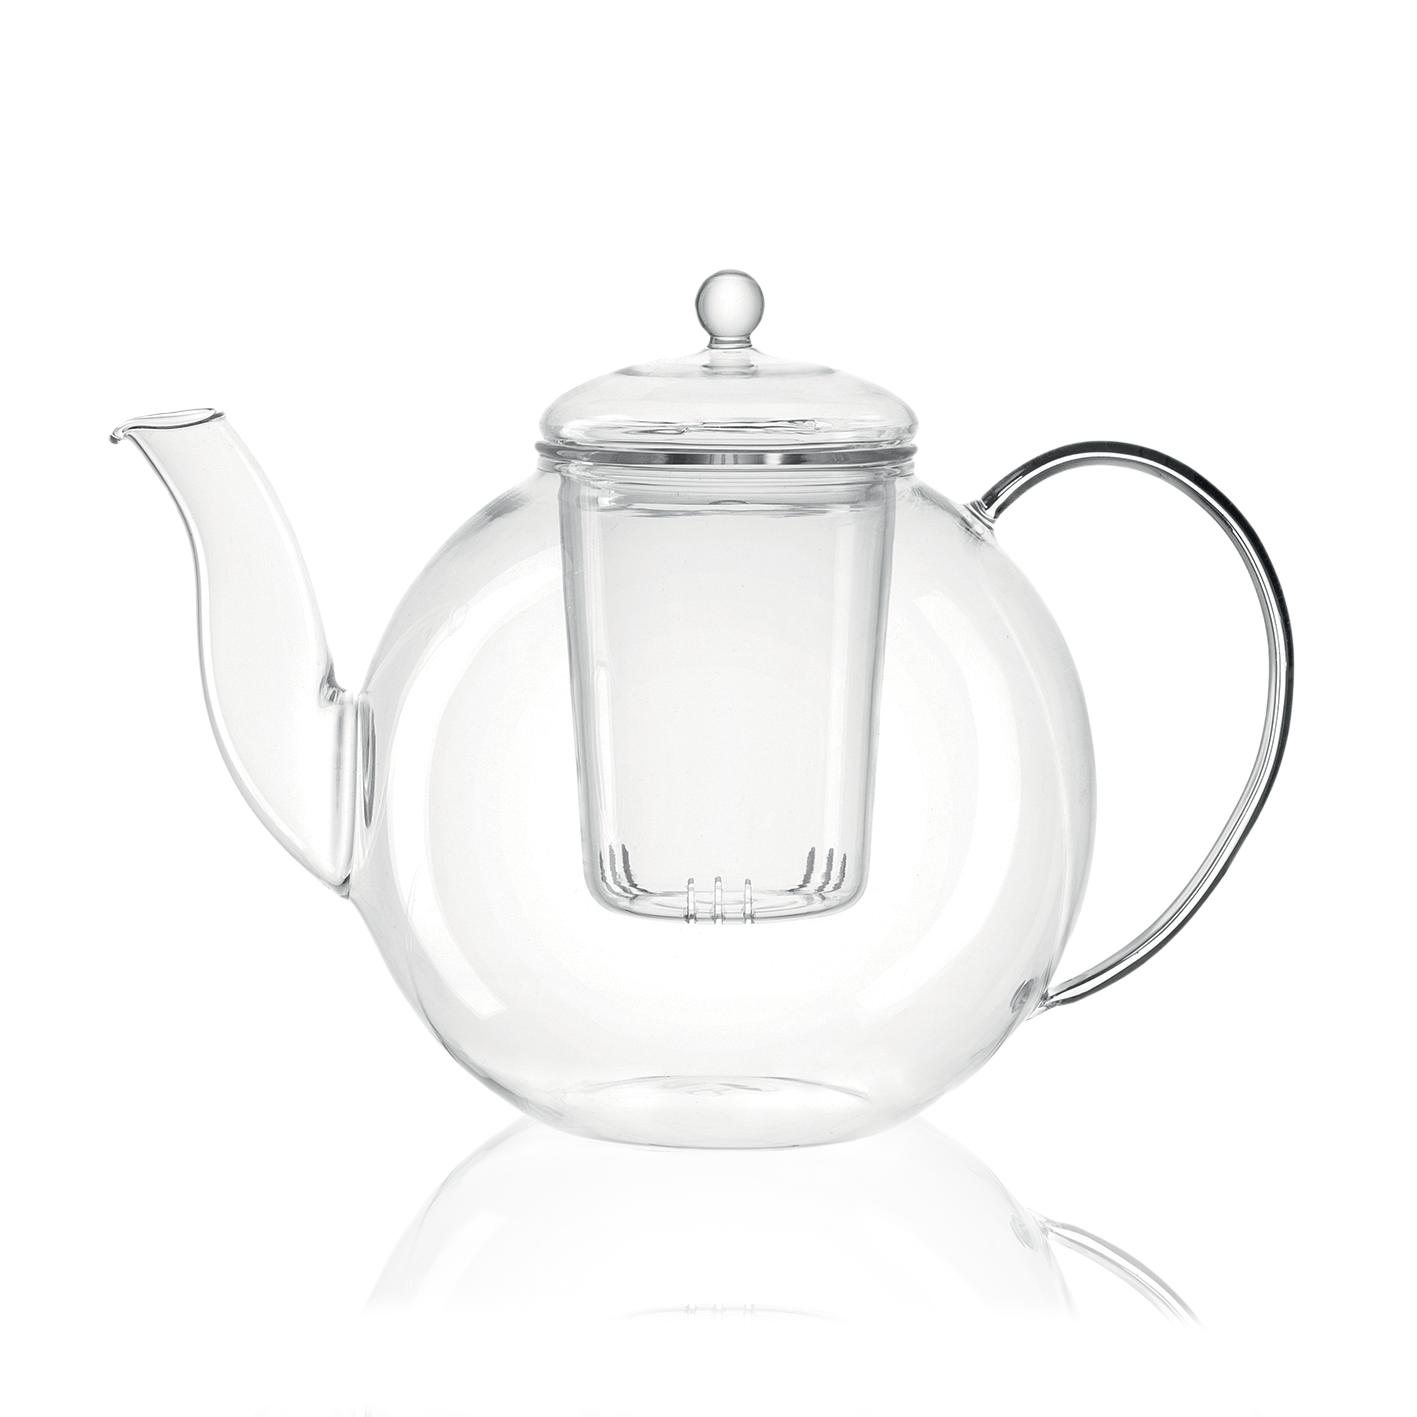 KUSMI TEA Théière en verre 1,2L Armonia - Accessoire pour le thé - Kusmi Tea